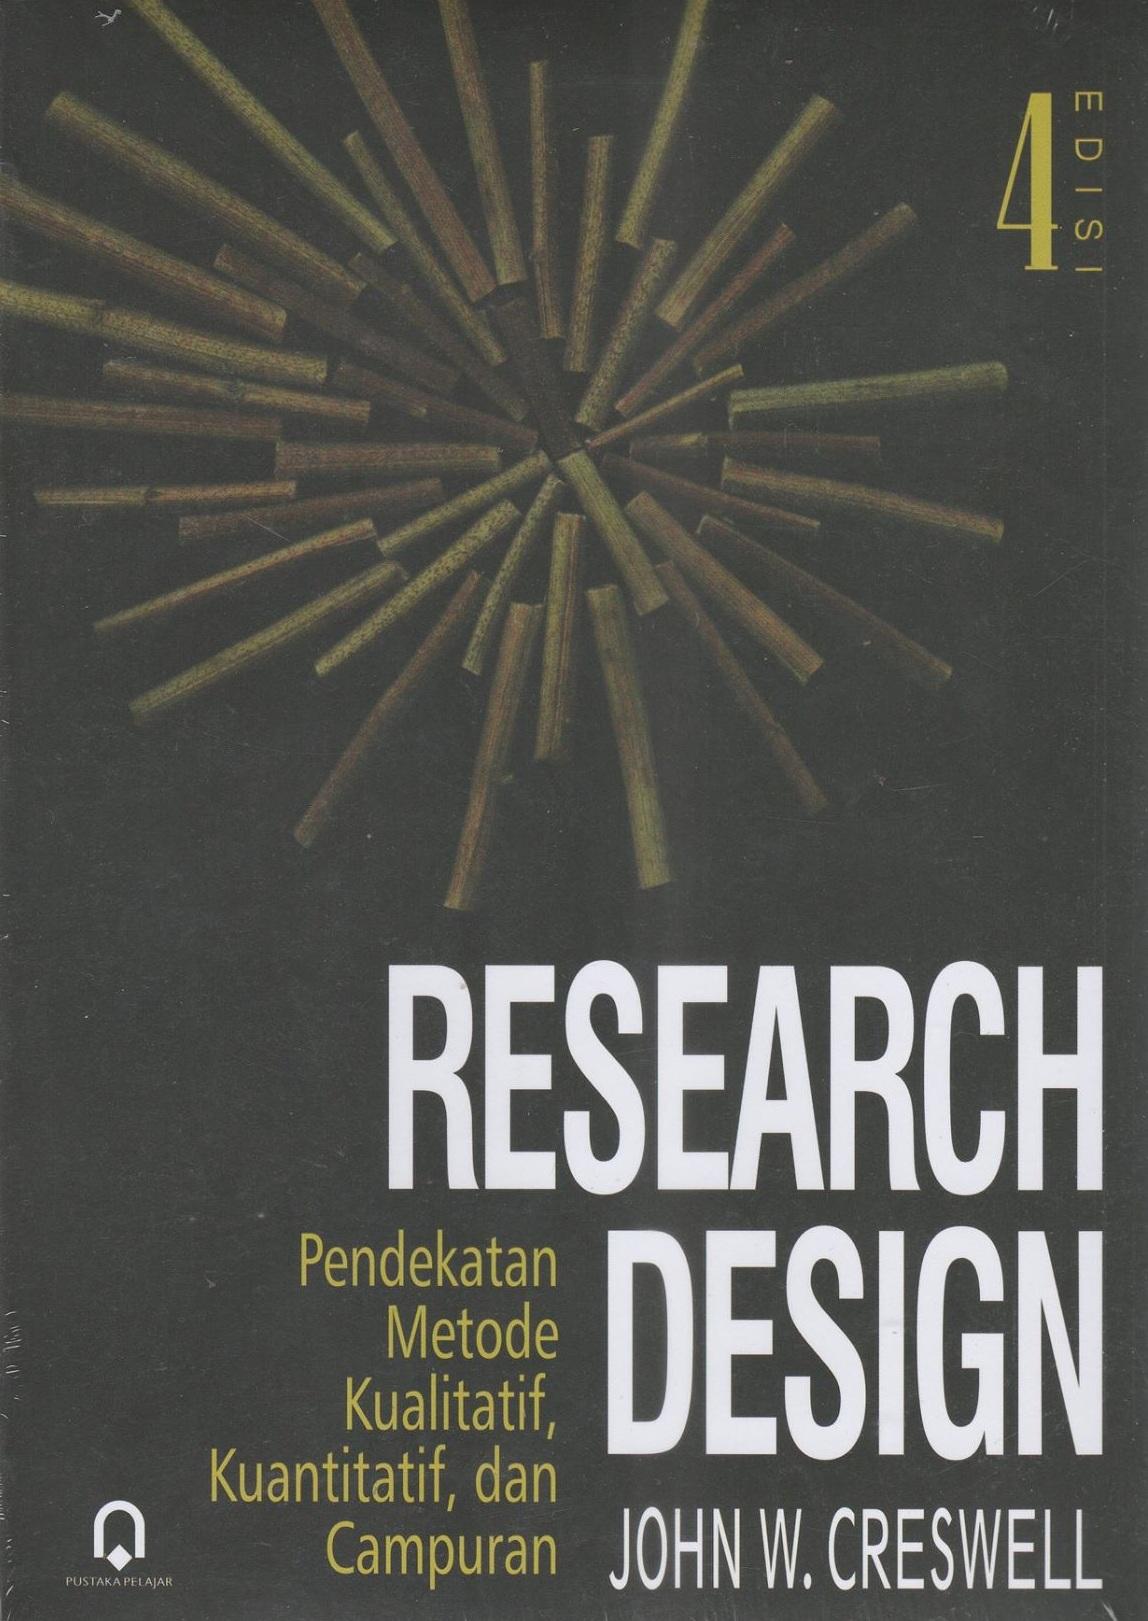 Research Design Pendekatan Metode Kualitatif Kuantitatif dan Campuran ed.4